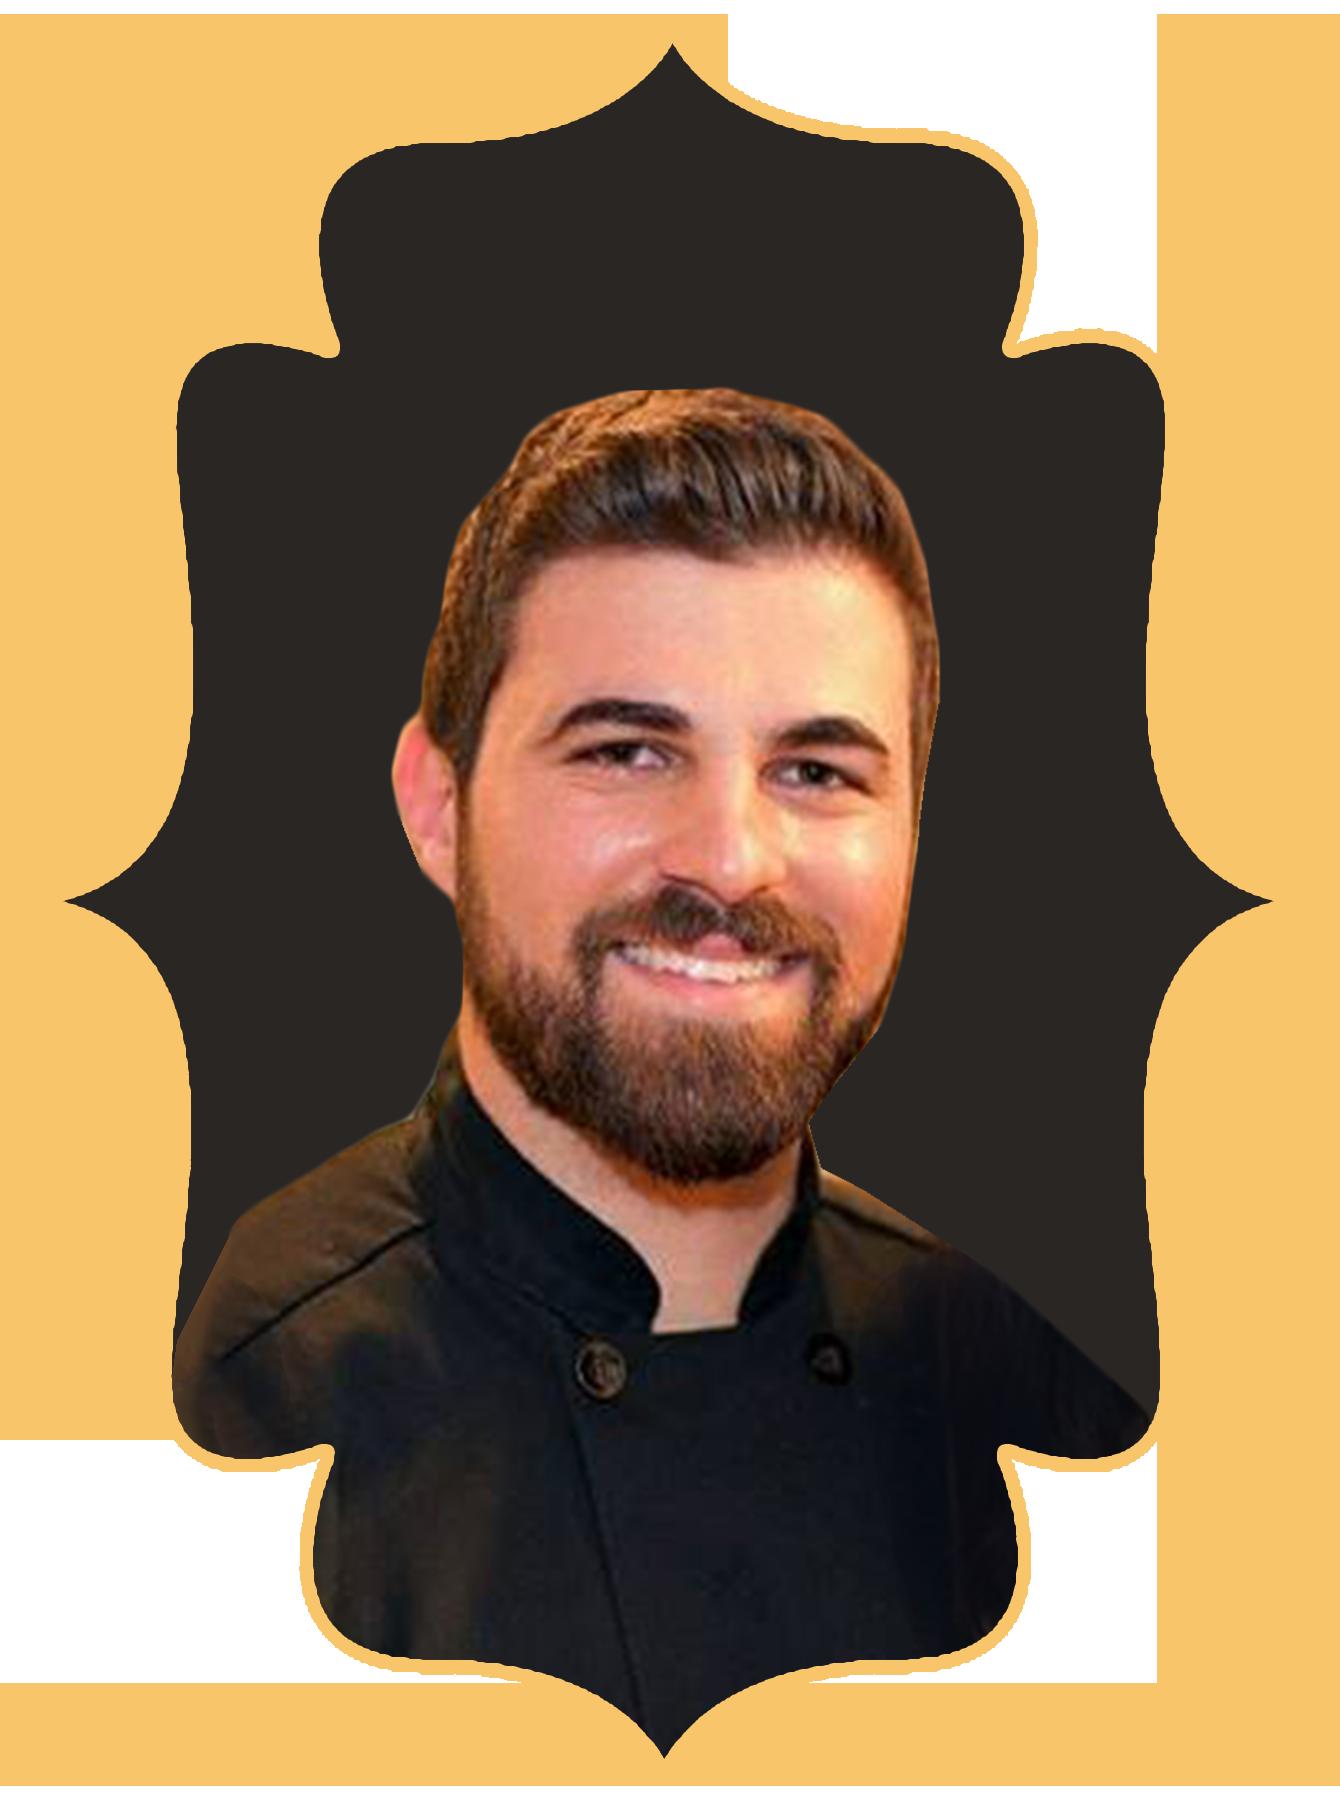 Chef Elan Adivi